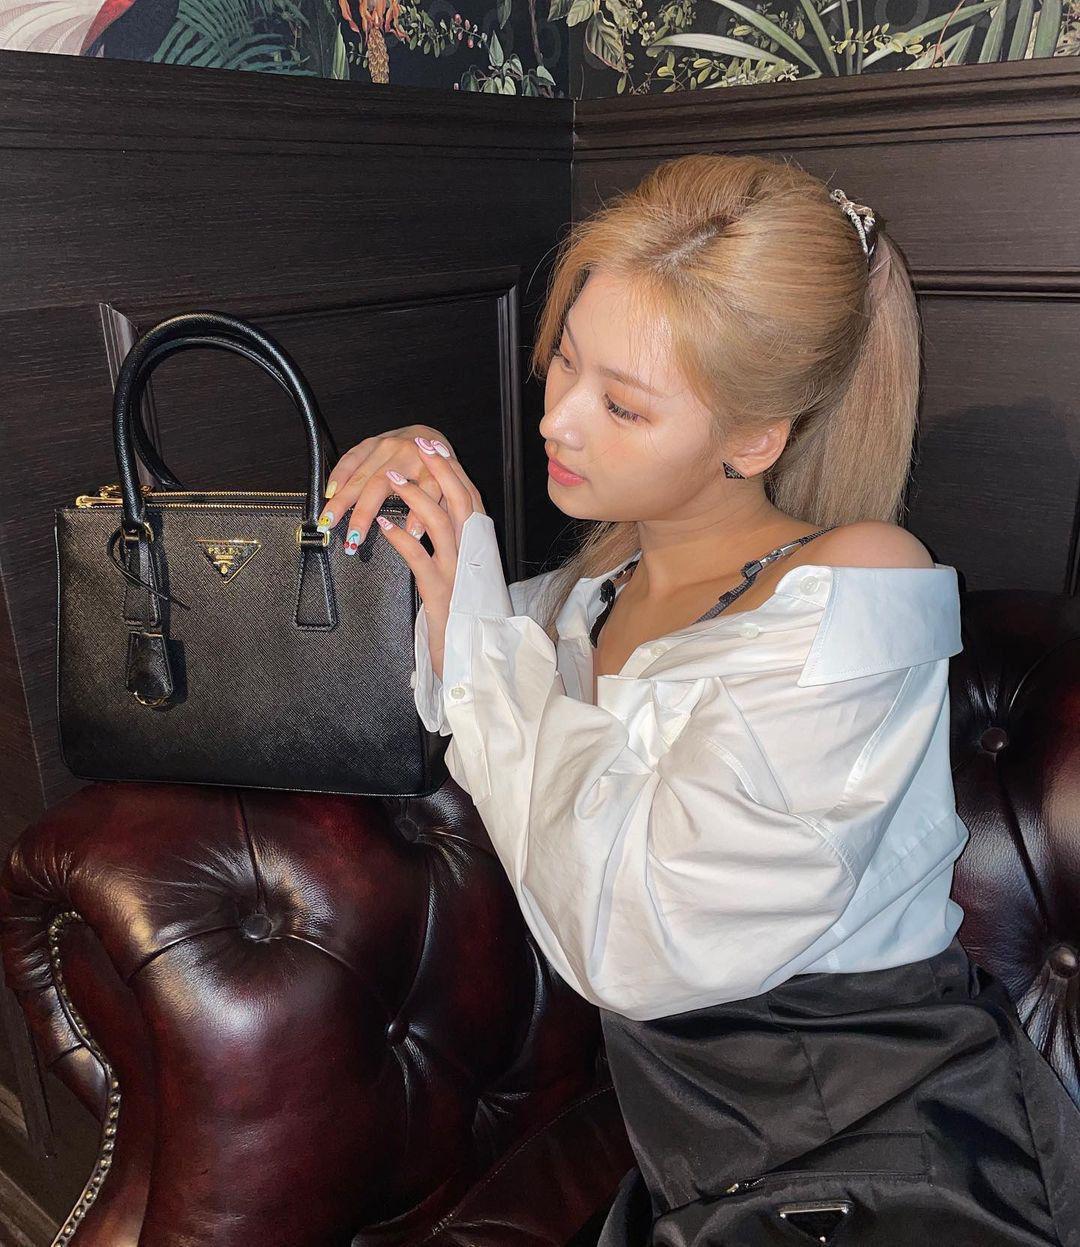 Visual nổi nhất Twice nhưng Sana vẫn bị chê nhạt nhòa khi diện túi hiệu, có đáng hay không? - Ảnh 2.